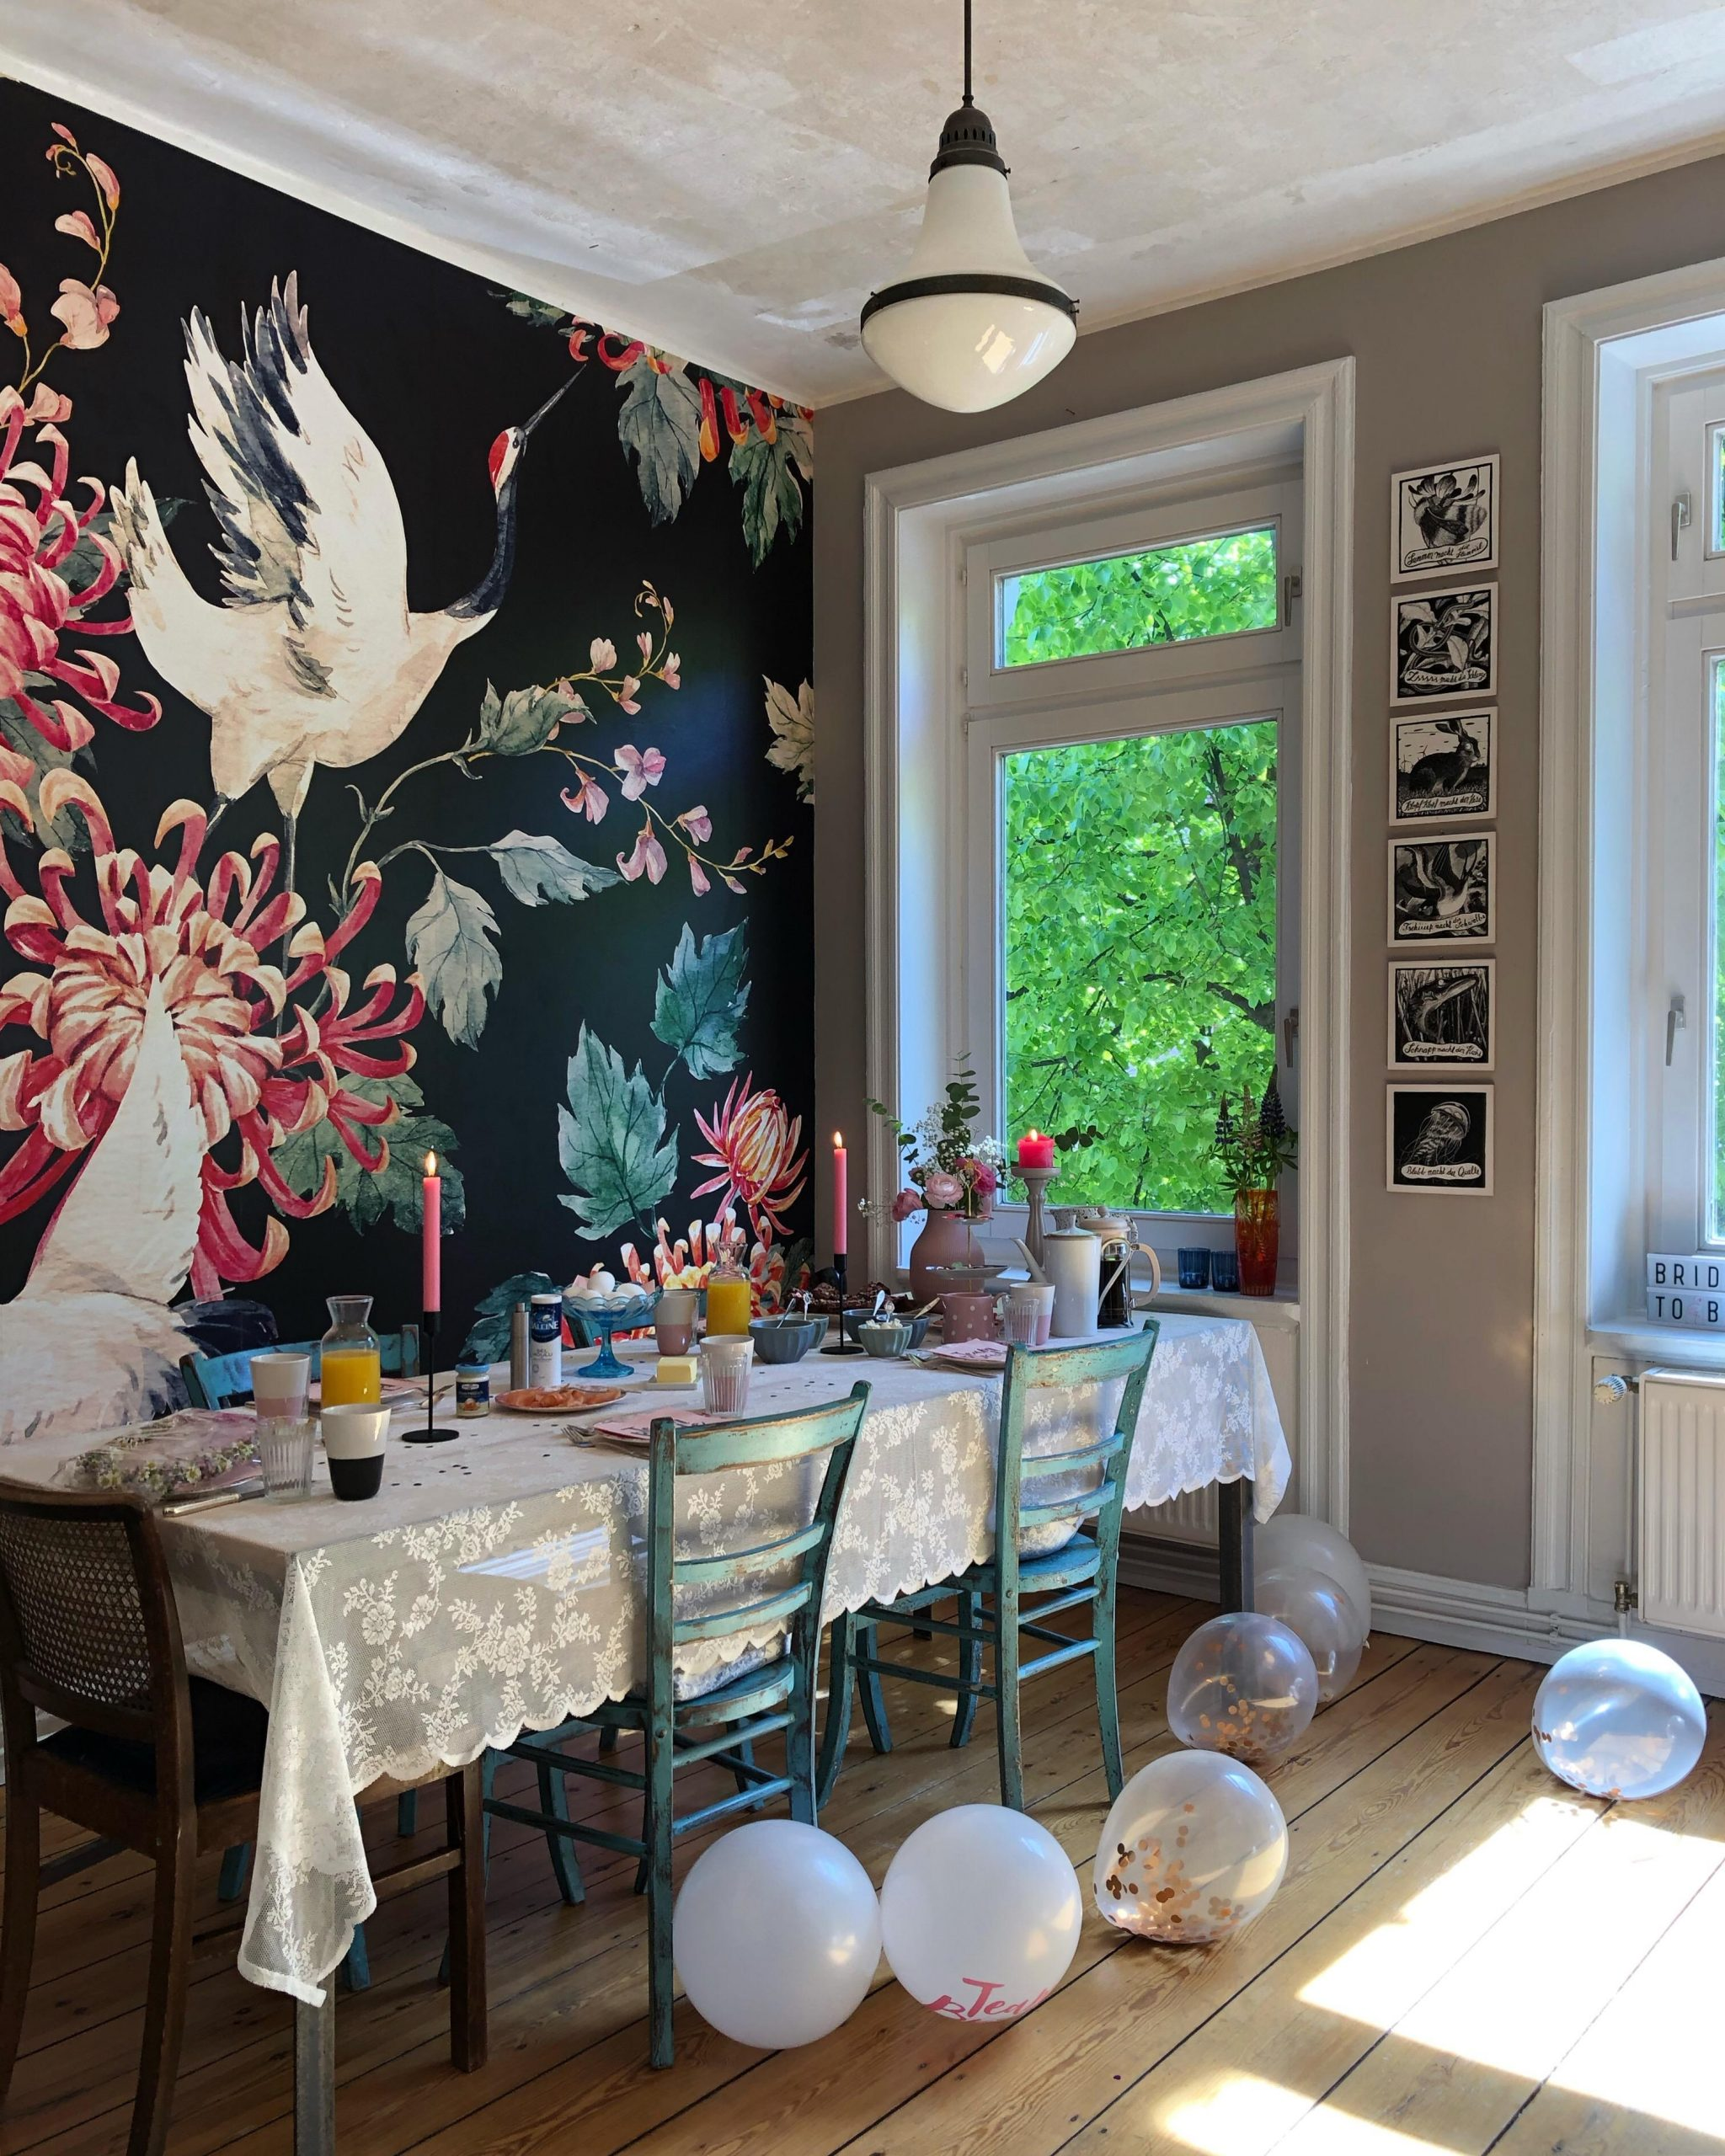 Full Size of Tapeten Ideen Fr Wandgestaltung Bei Couch Für Die Küche Schlafzimmer Bad Renovieren Wohnzimmer Fototapeten Wohnzimmer Tapeten Ideen